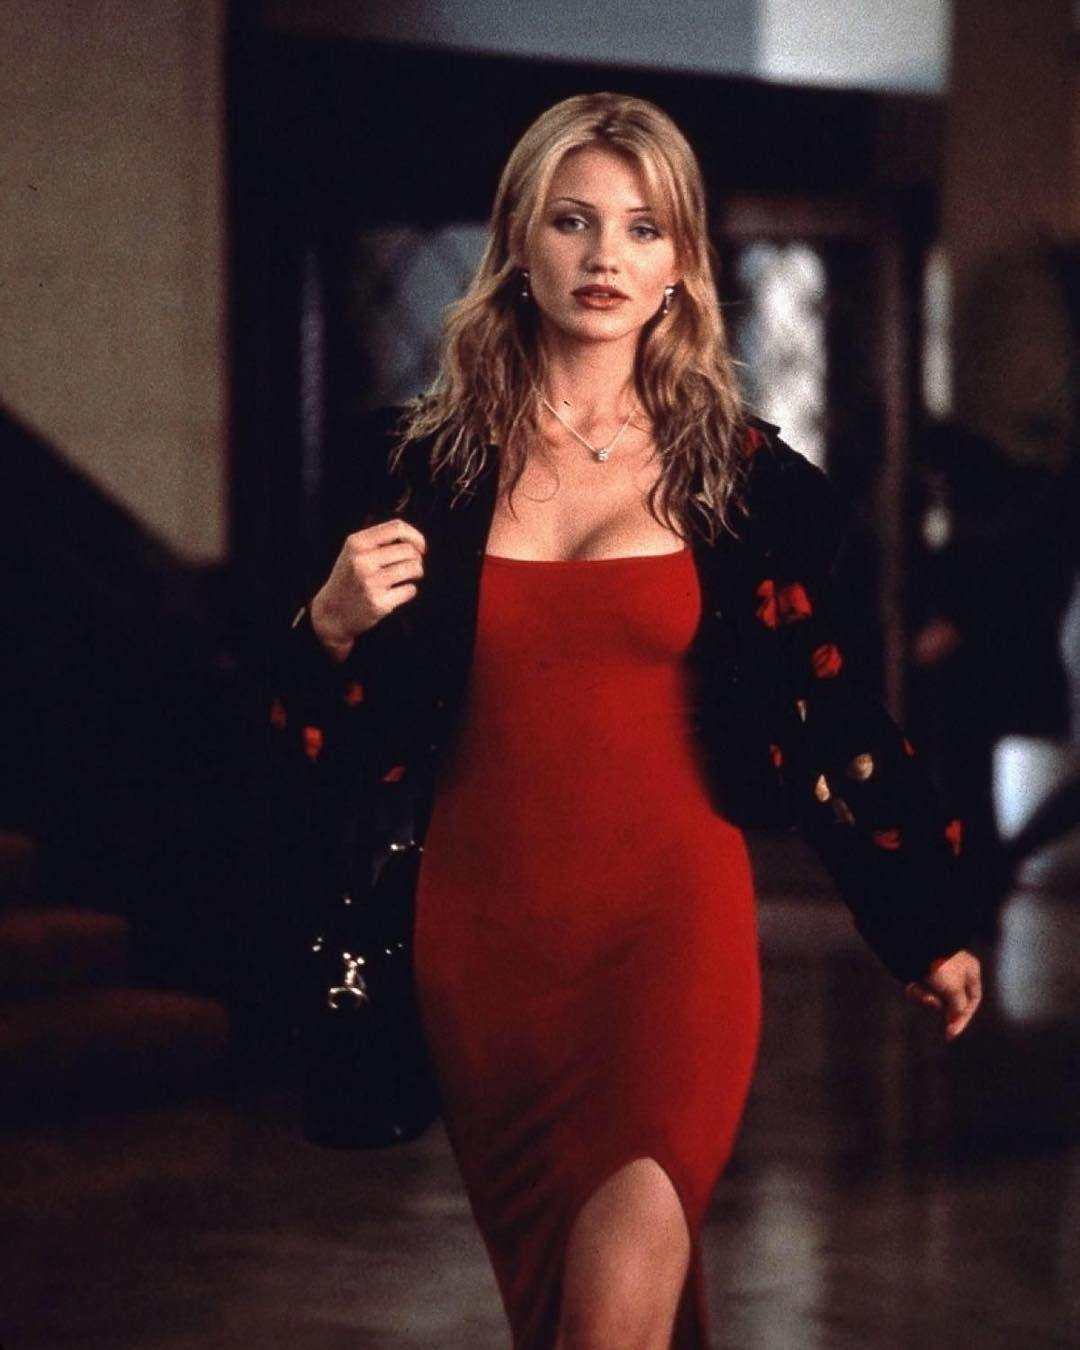 Камерон Диас в облегающем красном платье с глубоким разрезом до бедра